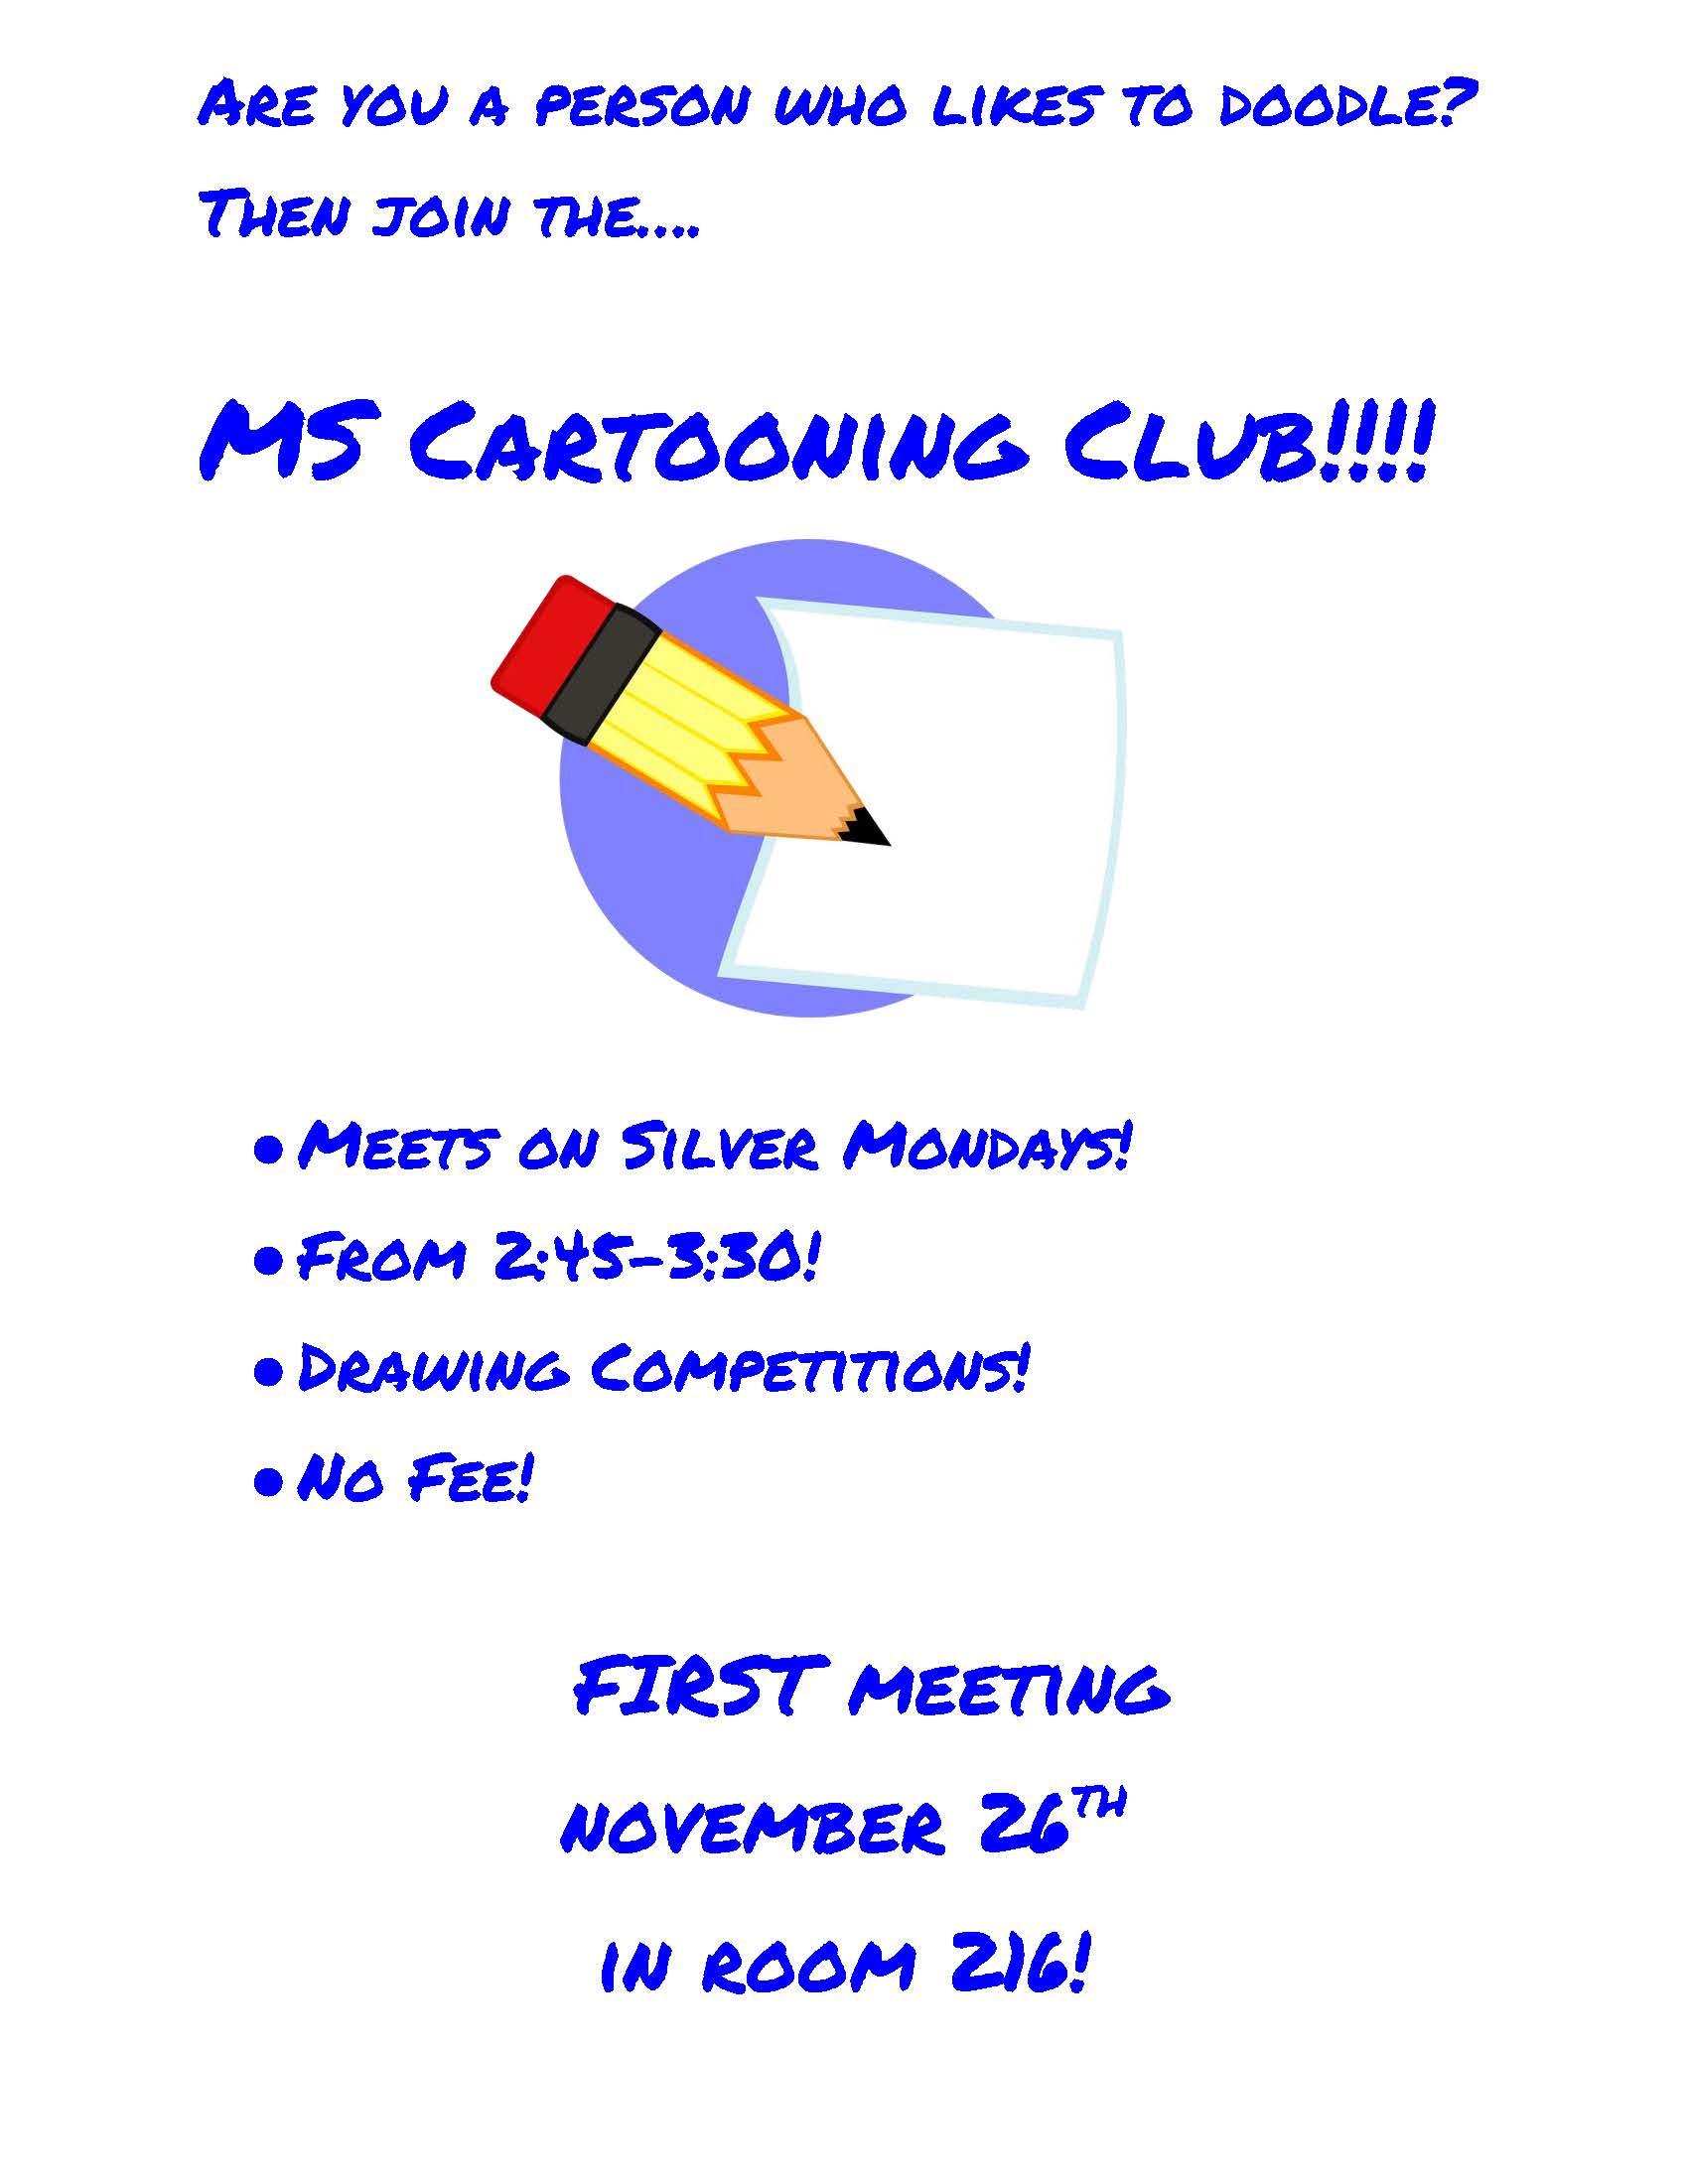 ms-cartooning-club.jpg